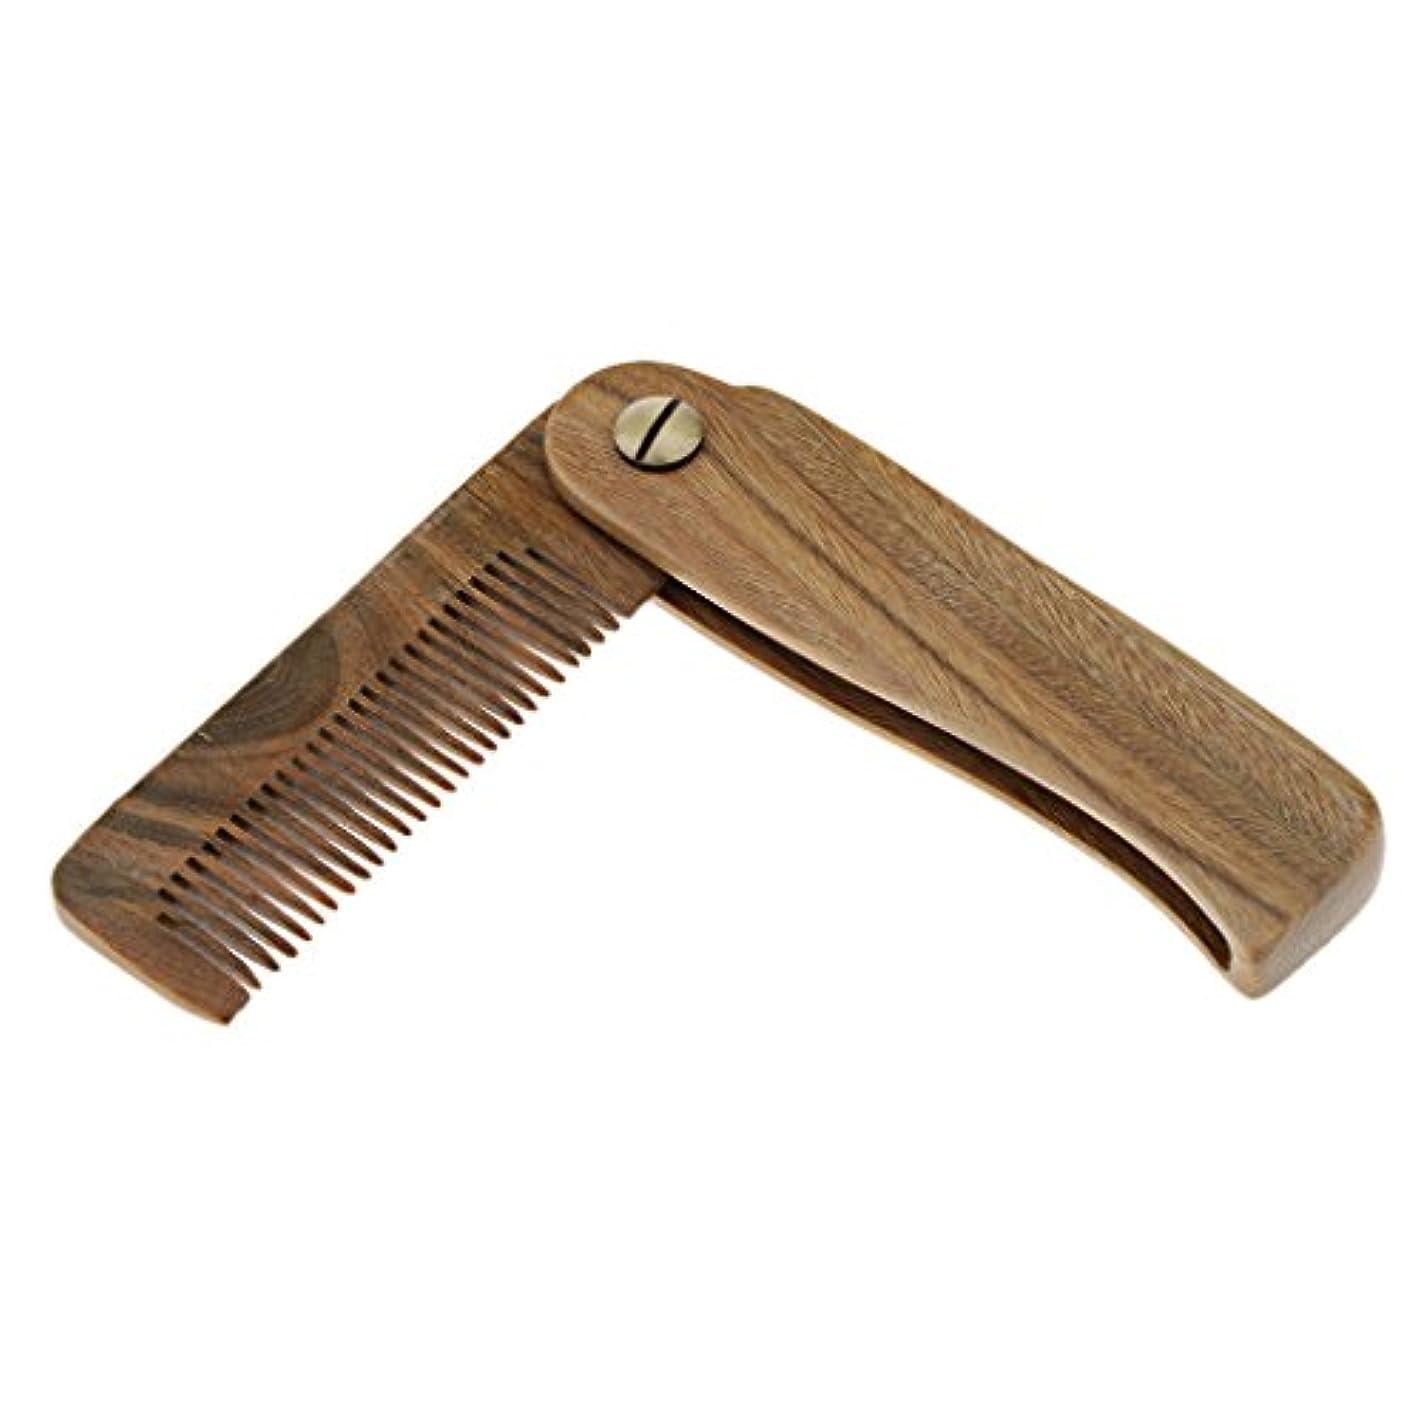 資格情報ジェームズダイソン微視的木製櫛 ヘアブラシ ヘアコーム ミニサイズ 多機能櫛 ひげ櫛 櫛 折り畳み式 2タイプ選べる - A